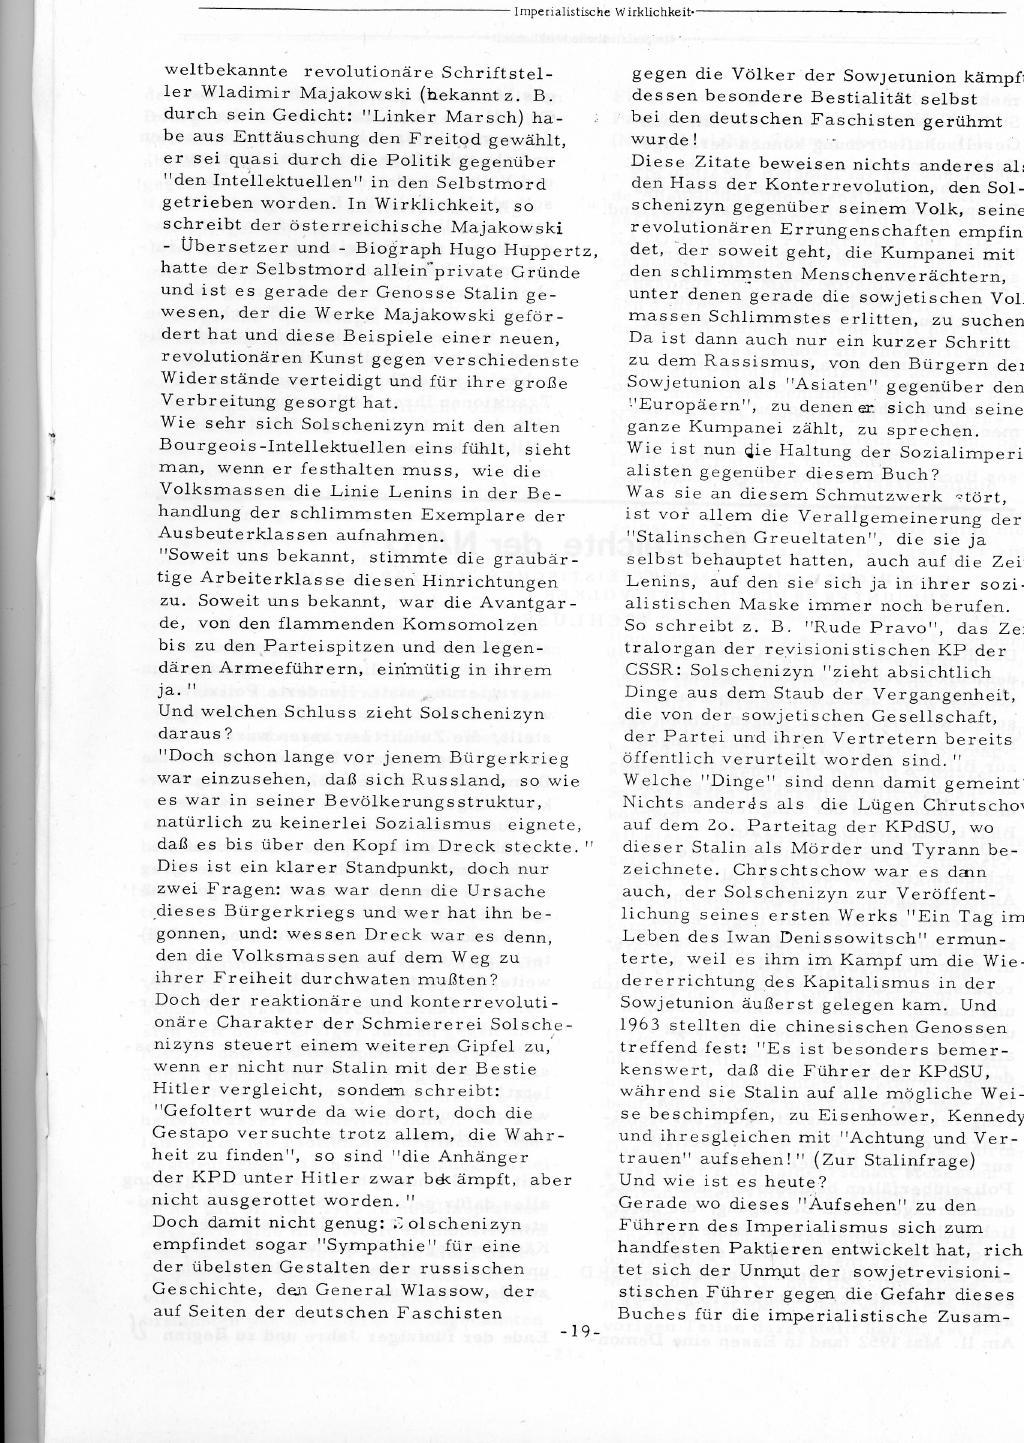 RPK_1974_01_02_19